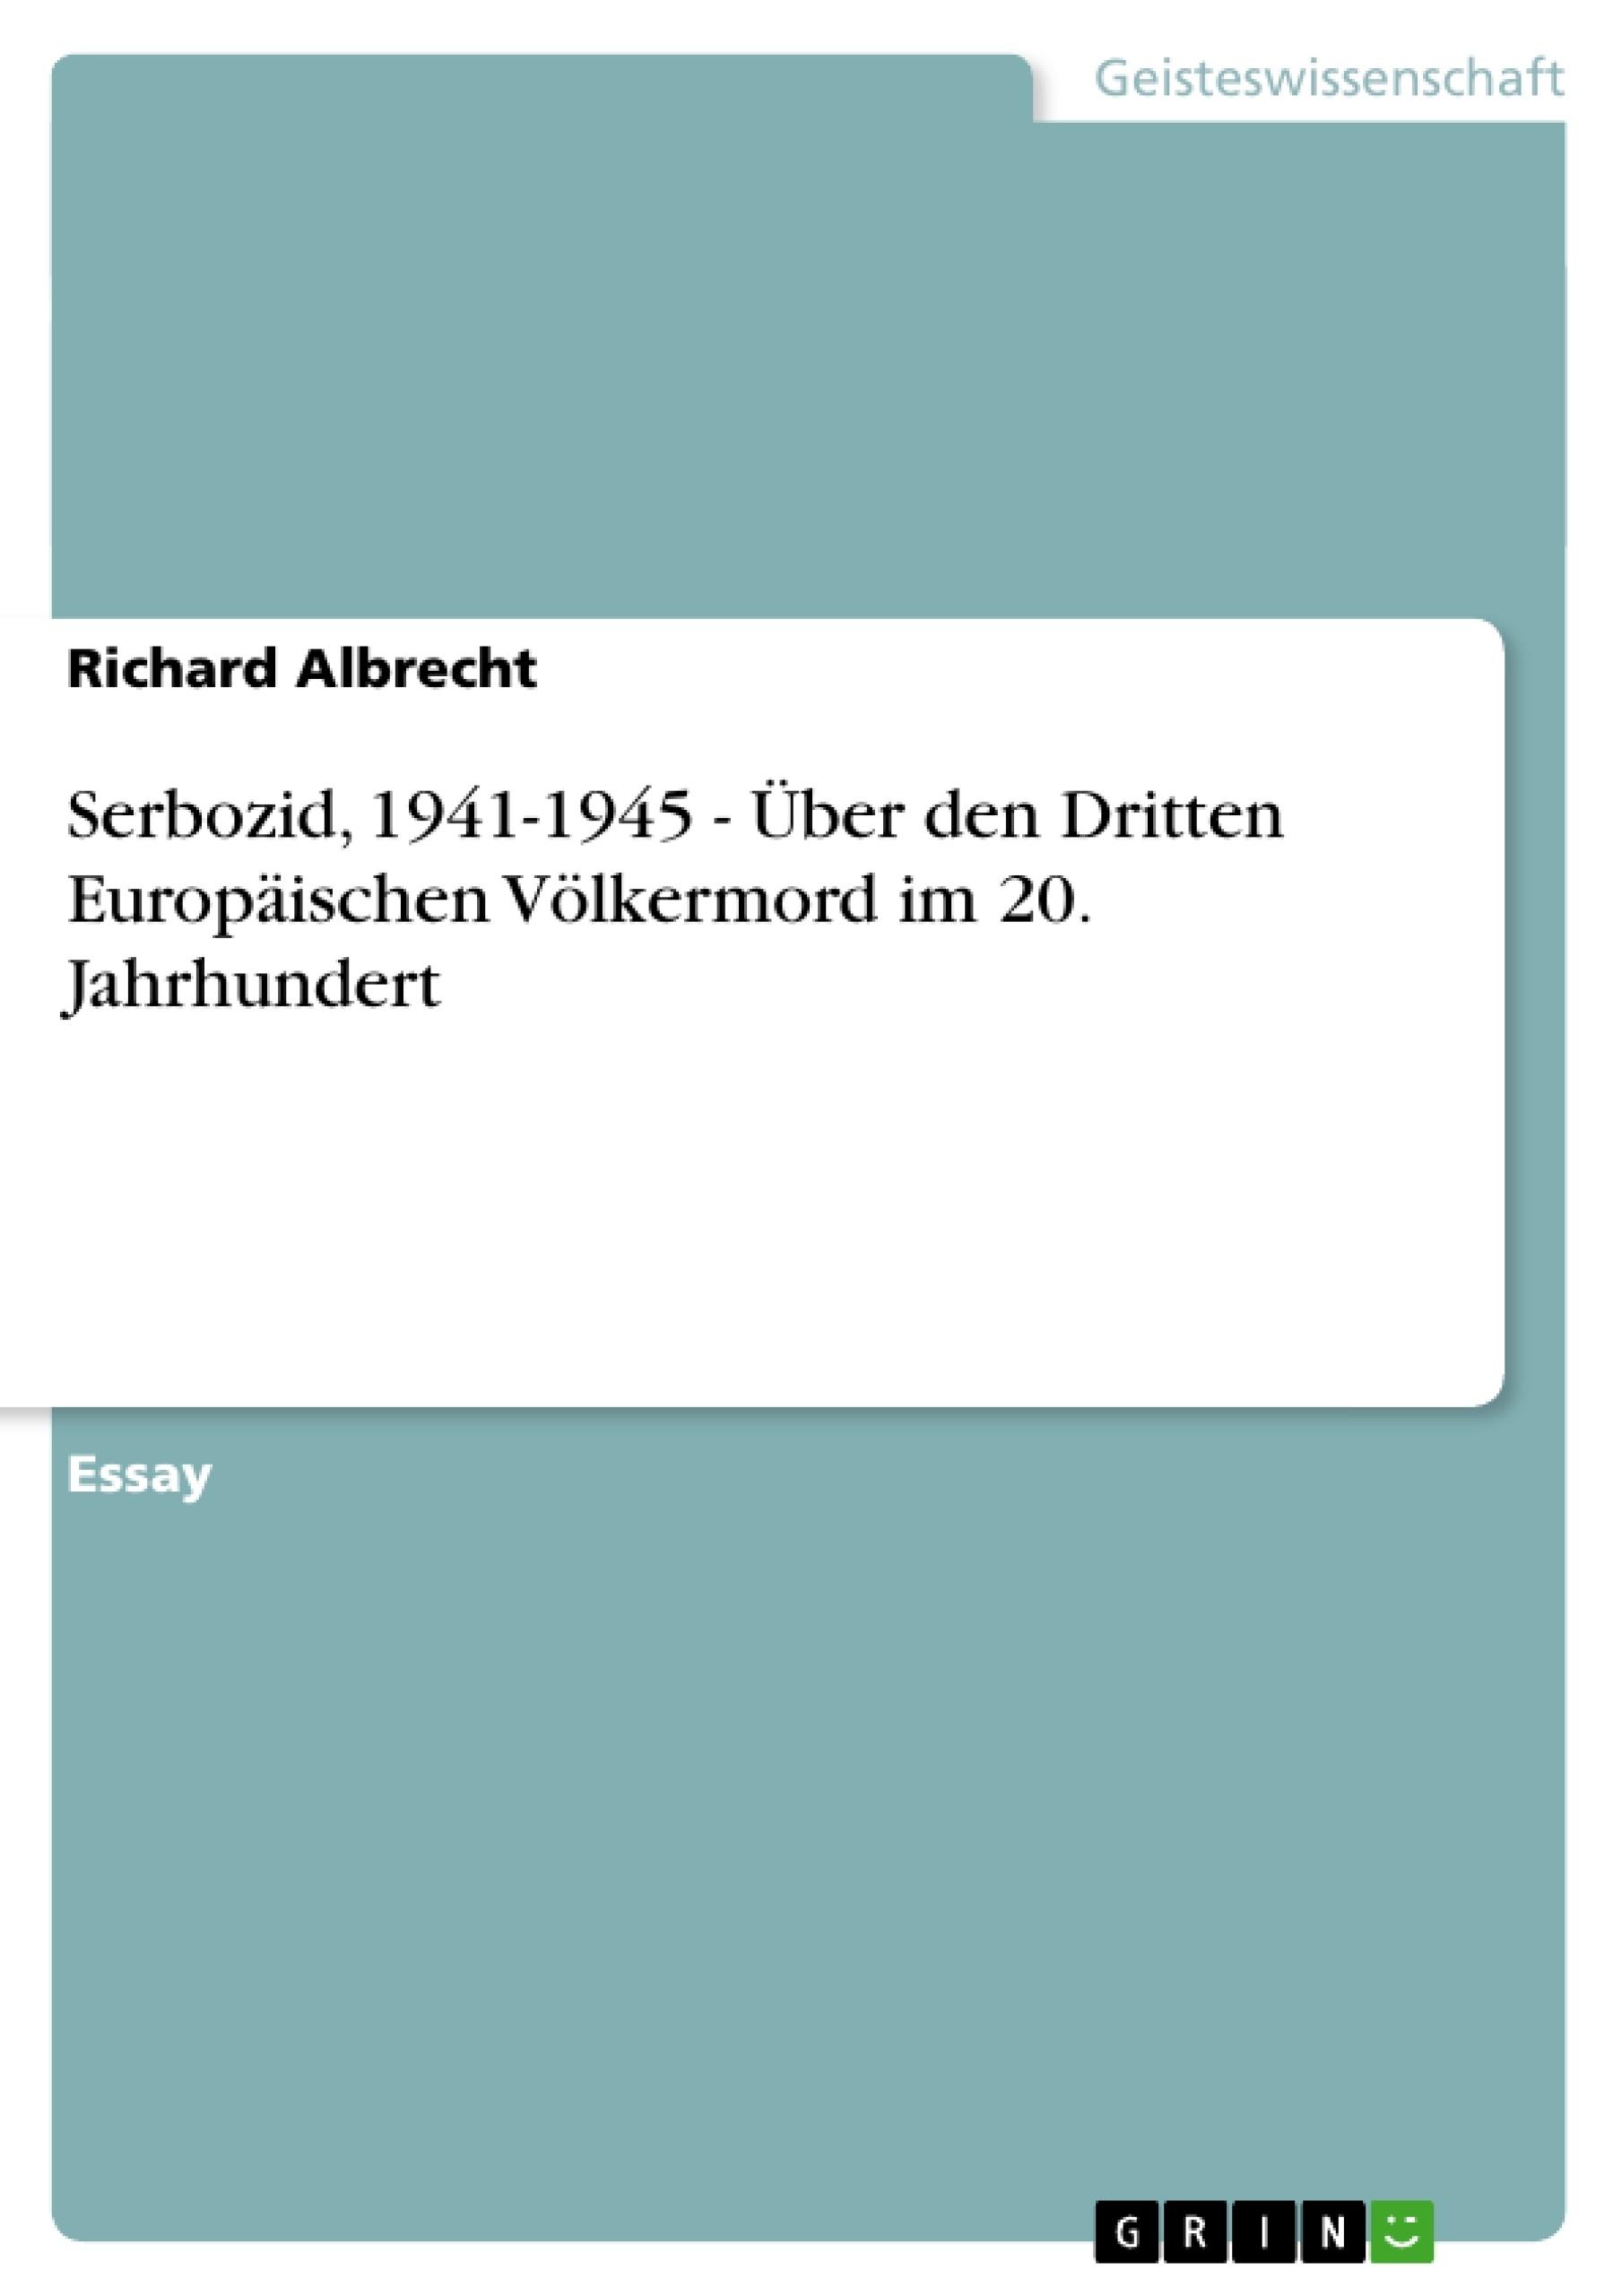 Titel: Serbozid, 1941-1945 - Über den Dritten Europäischen Völkermord im 20. Jahrhundert